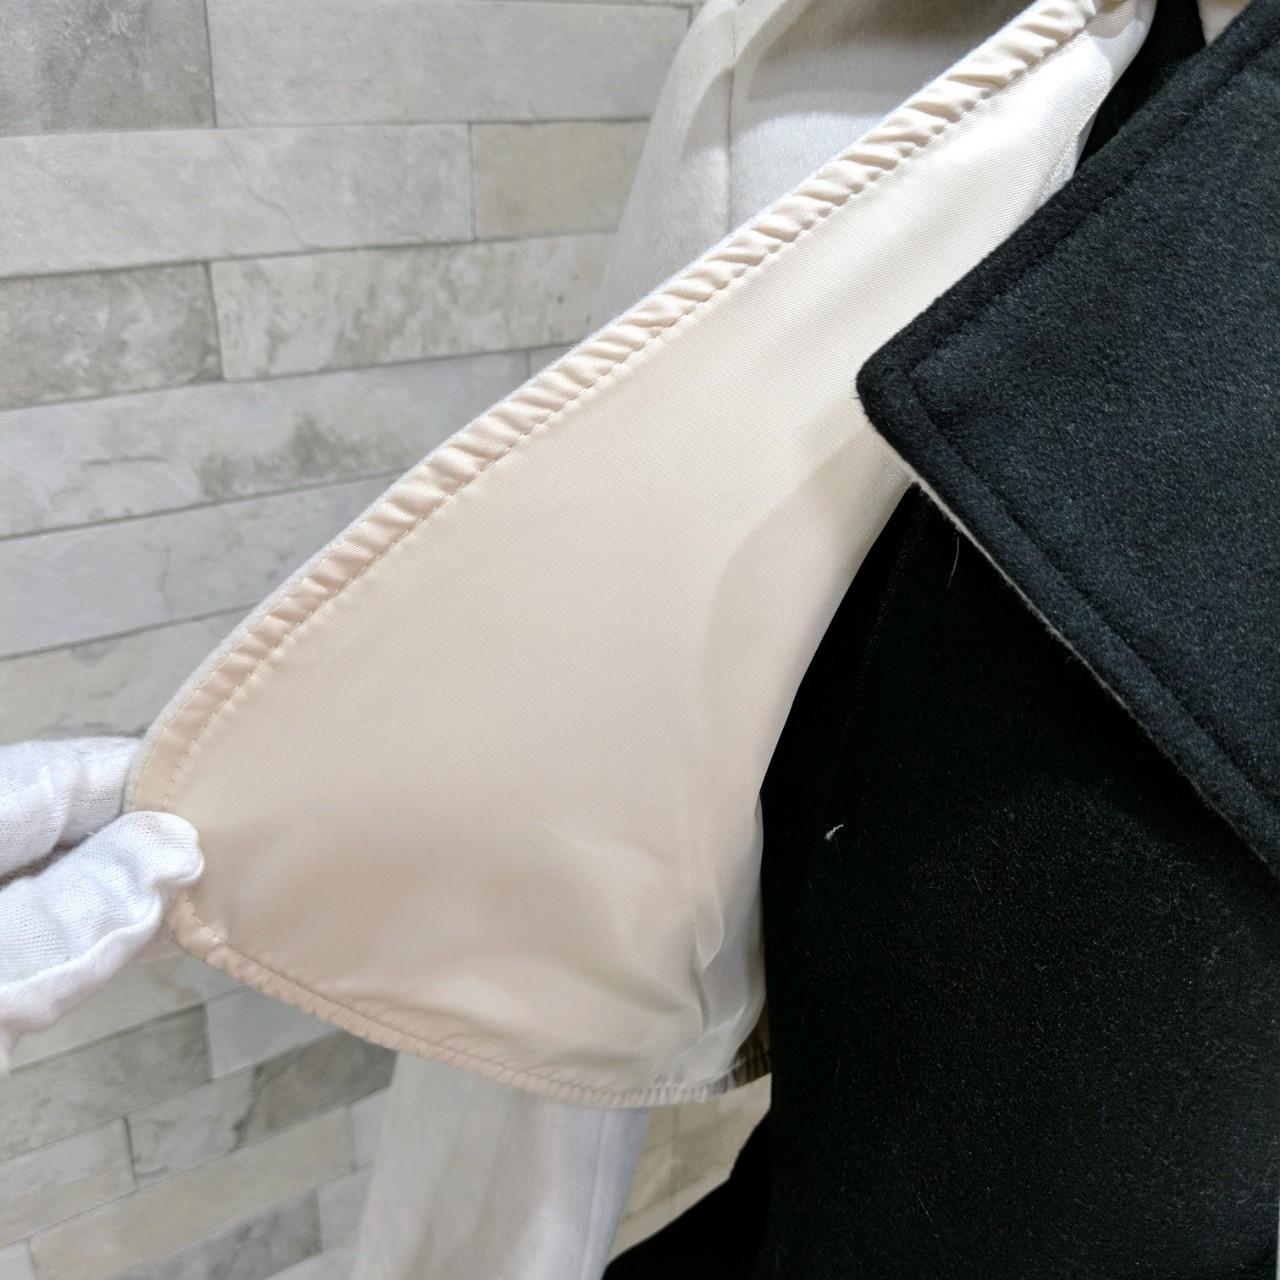 【即納】韓国 ファッション アウター コート 秋 冬 パーティー ブライダル SPTXG918  ミリタリー調 バイカラー アシンメトリー 二次会 セレブ きれいめの写真17枚目